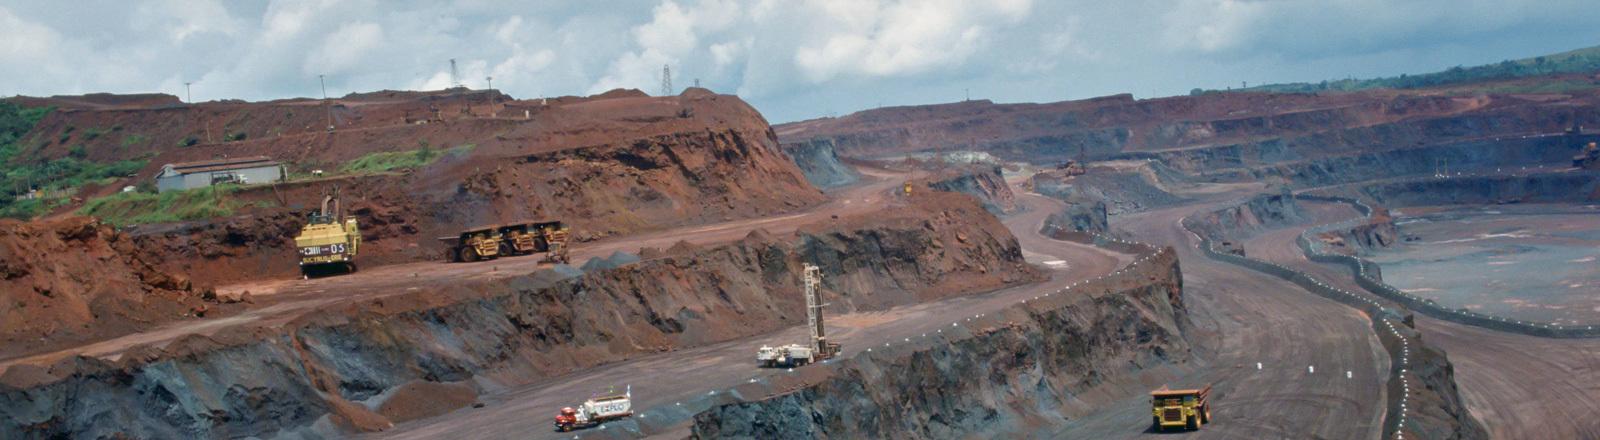 Blick auf einen Steinbruch in Brasilien, 2011.